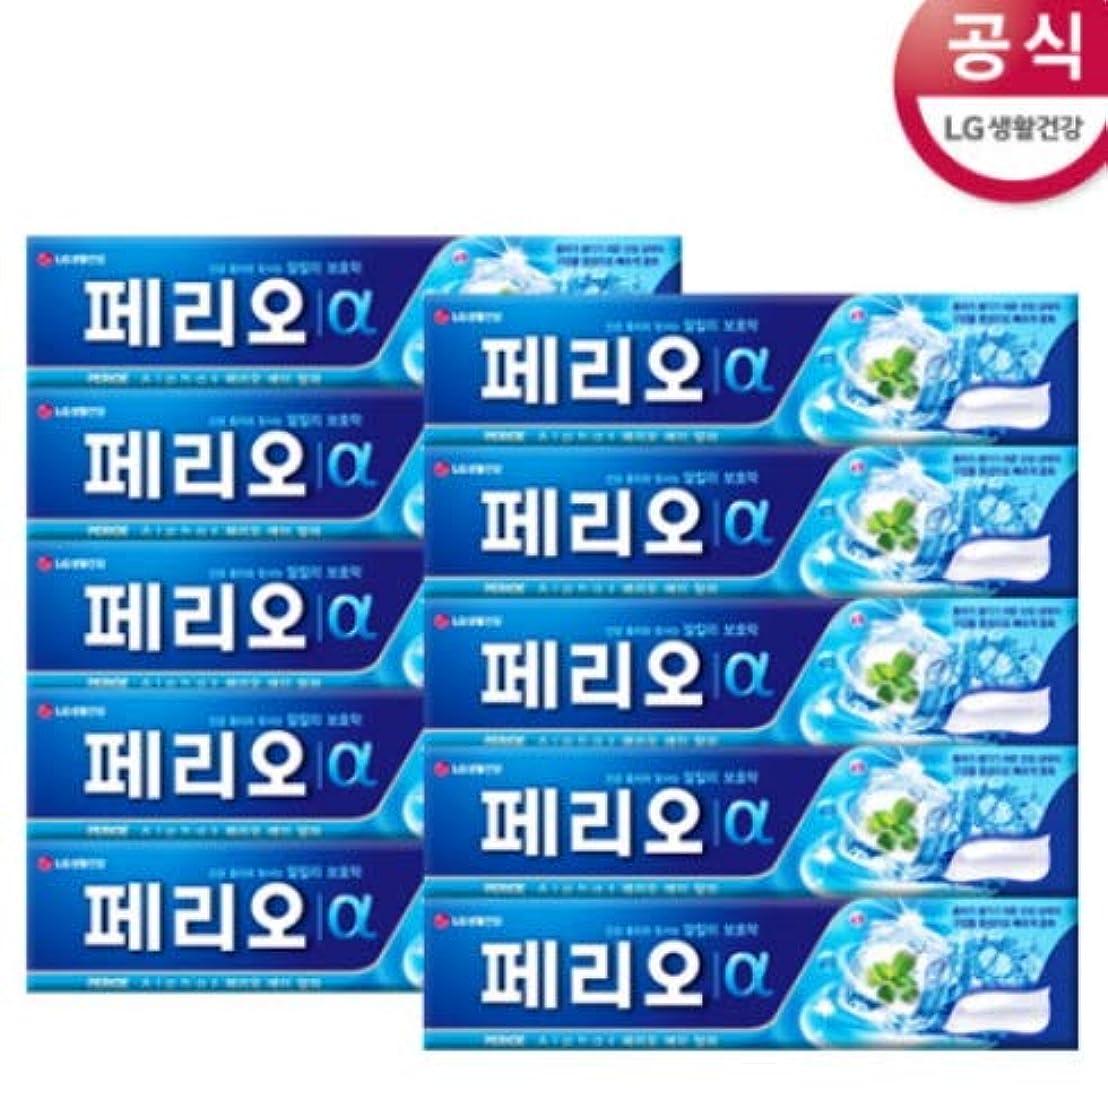 実り多いポンペイスペル[LG HnB] Perio Alpha Toothpaste/ペリオアルファ歯磨き粉 170gx10個(海外直送品)